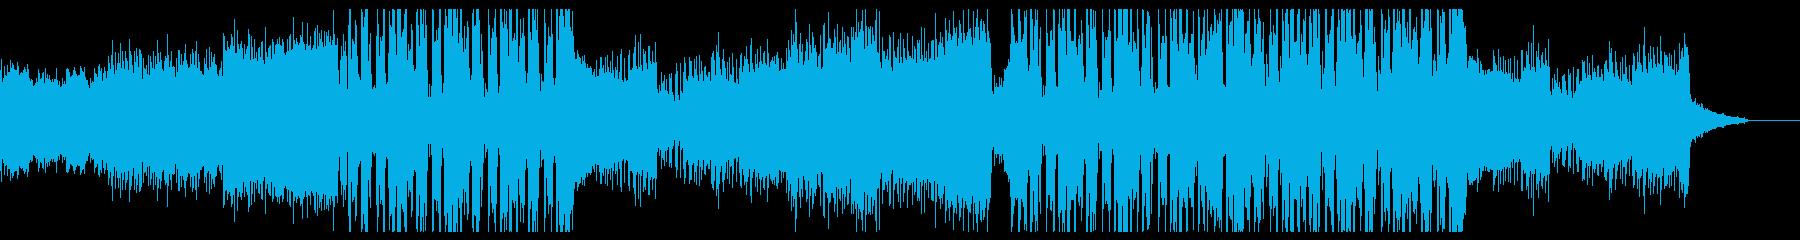 爽快なFutureBassモダンEDM の再生済みの波形